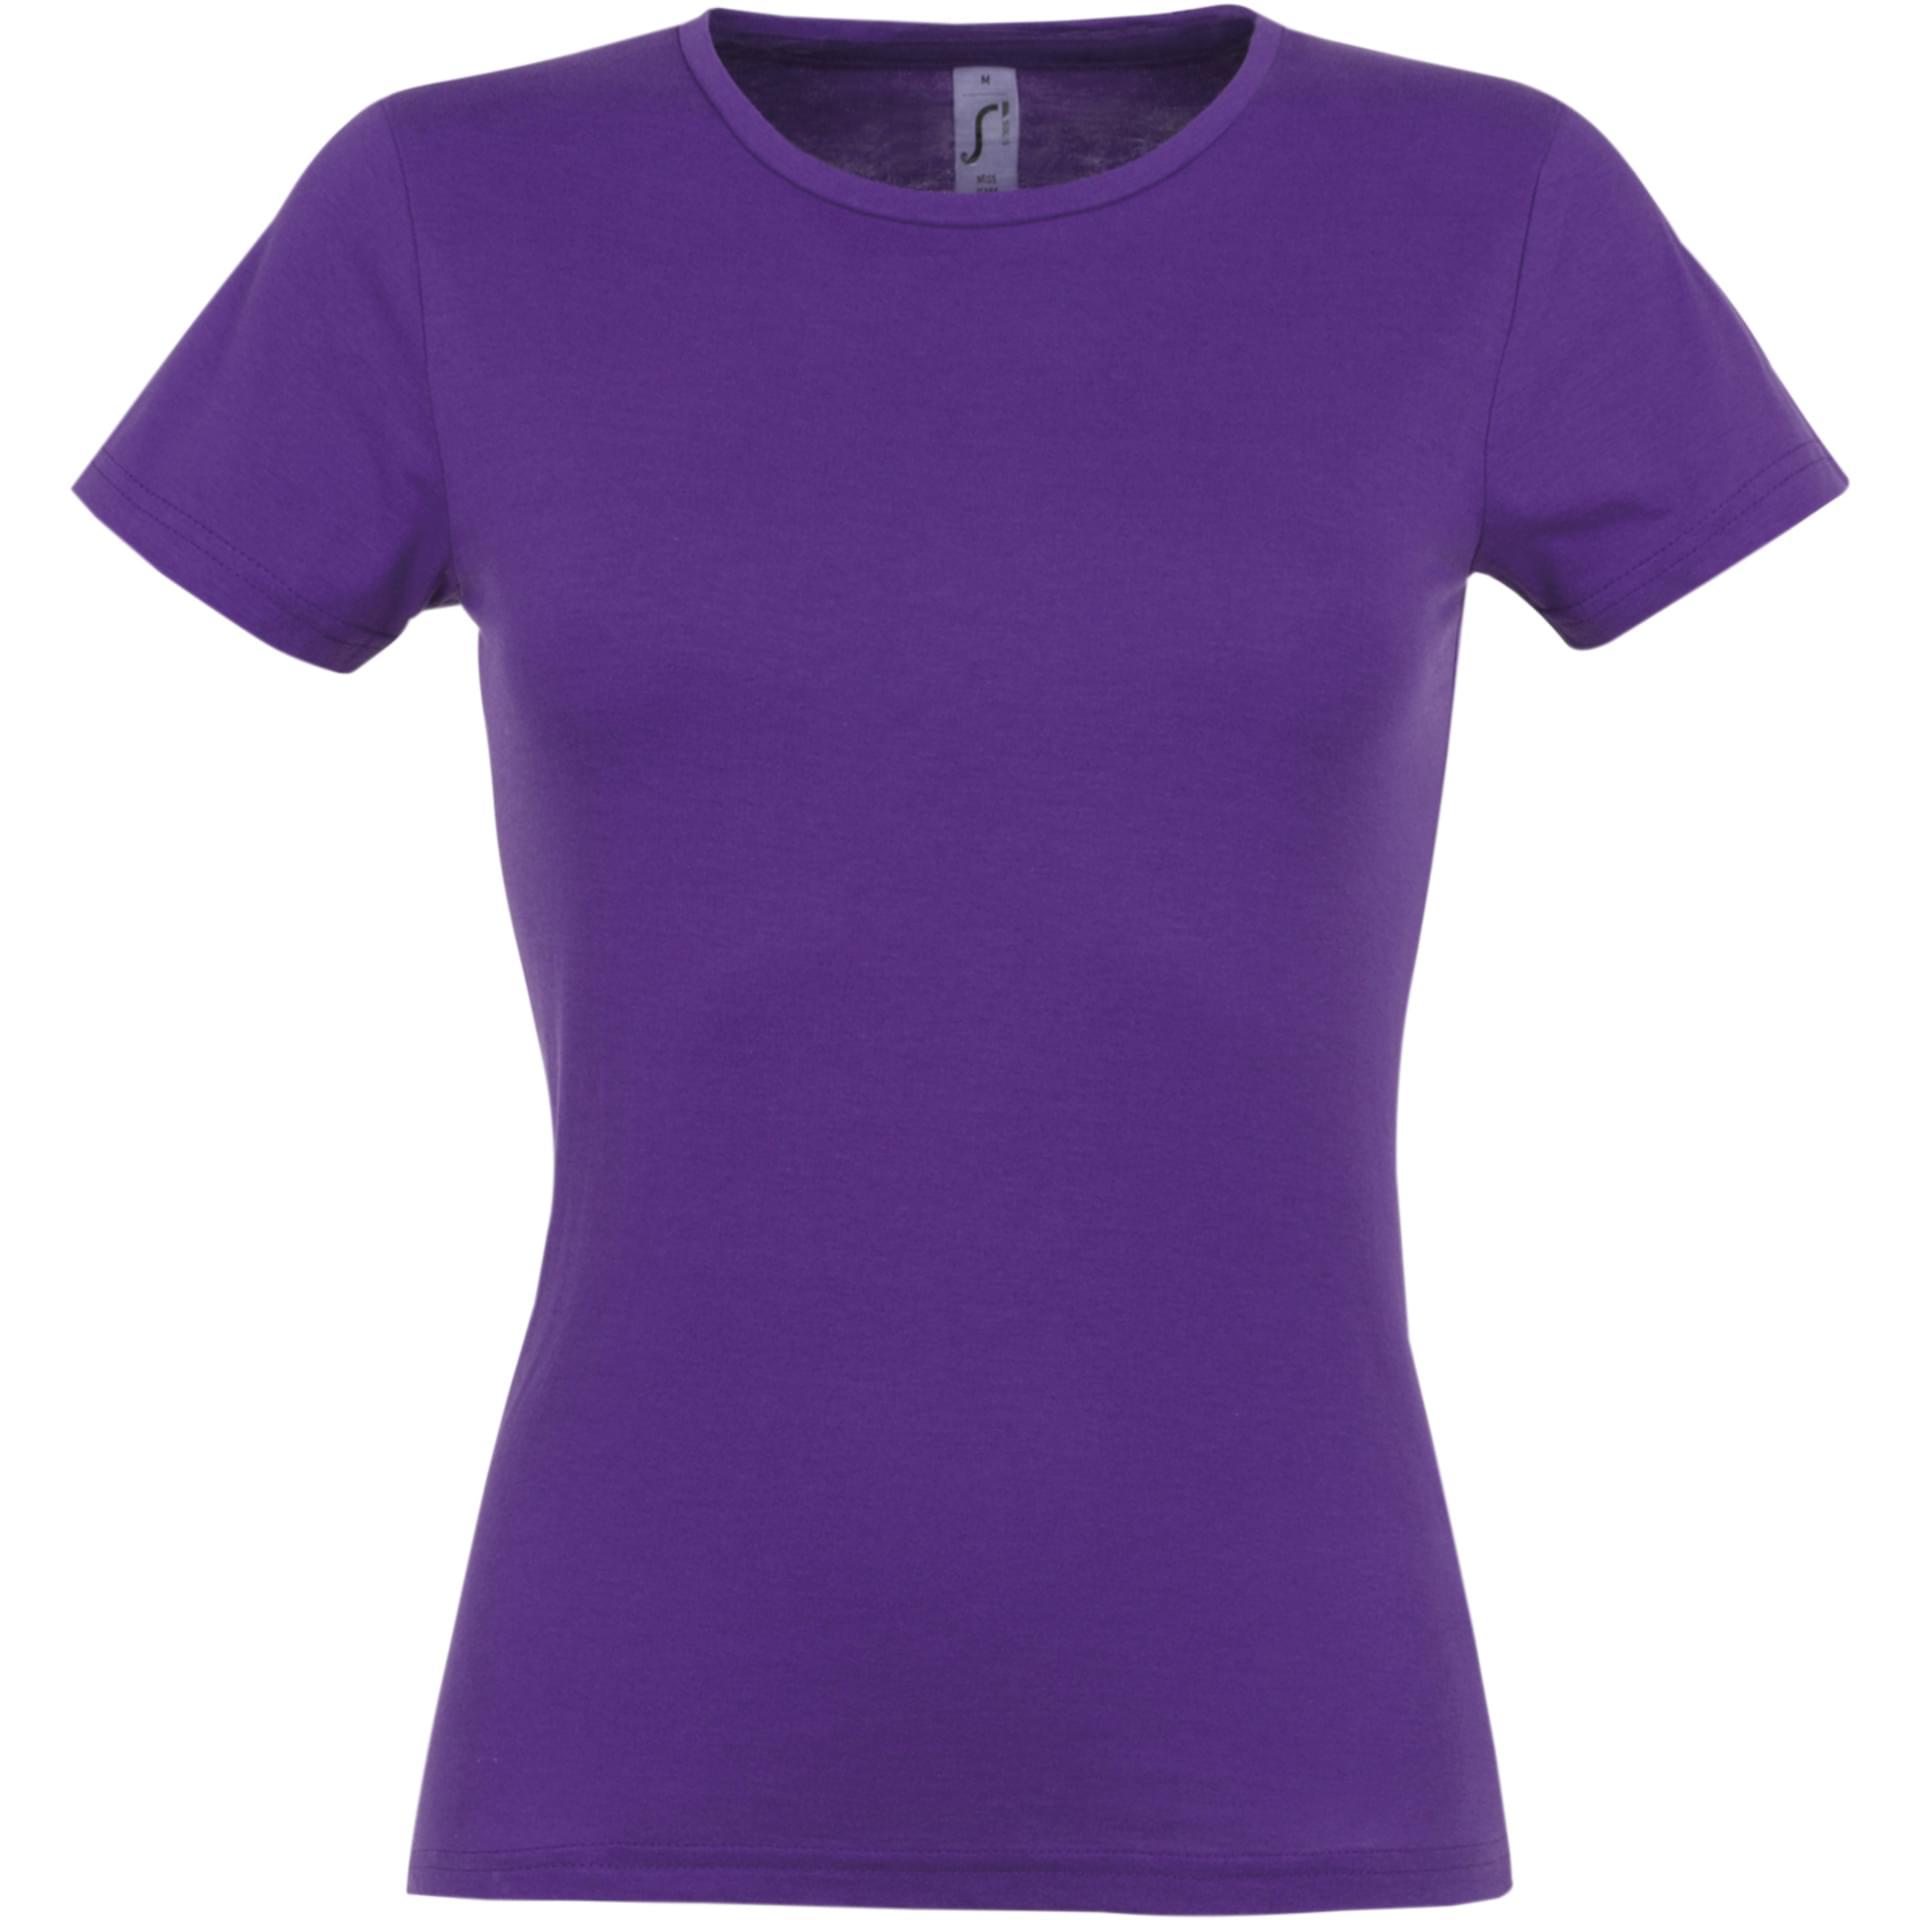 Tee shirt personnalis miss sol 39 s violet fonce - Couleur violet fonce ...